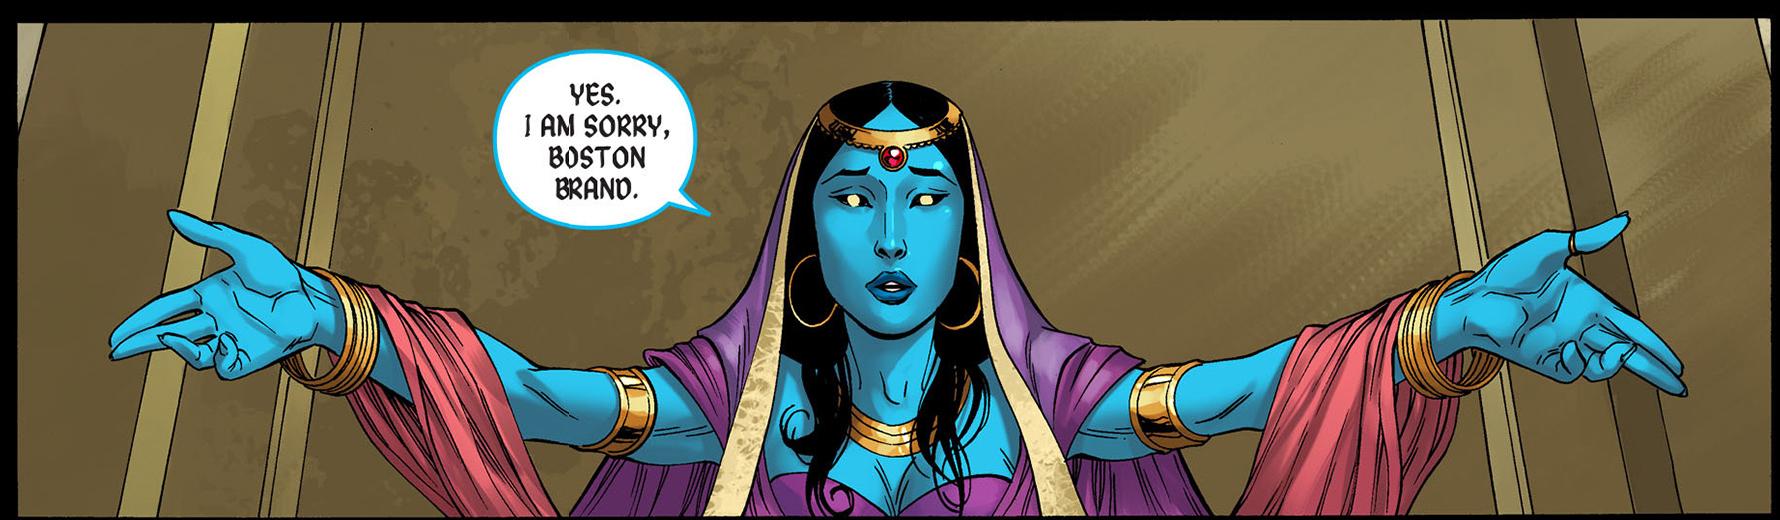 rama kushna (injustice gods among us)